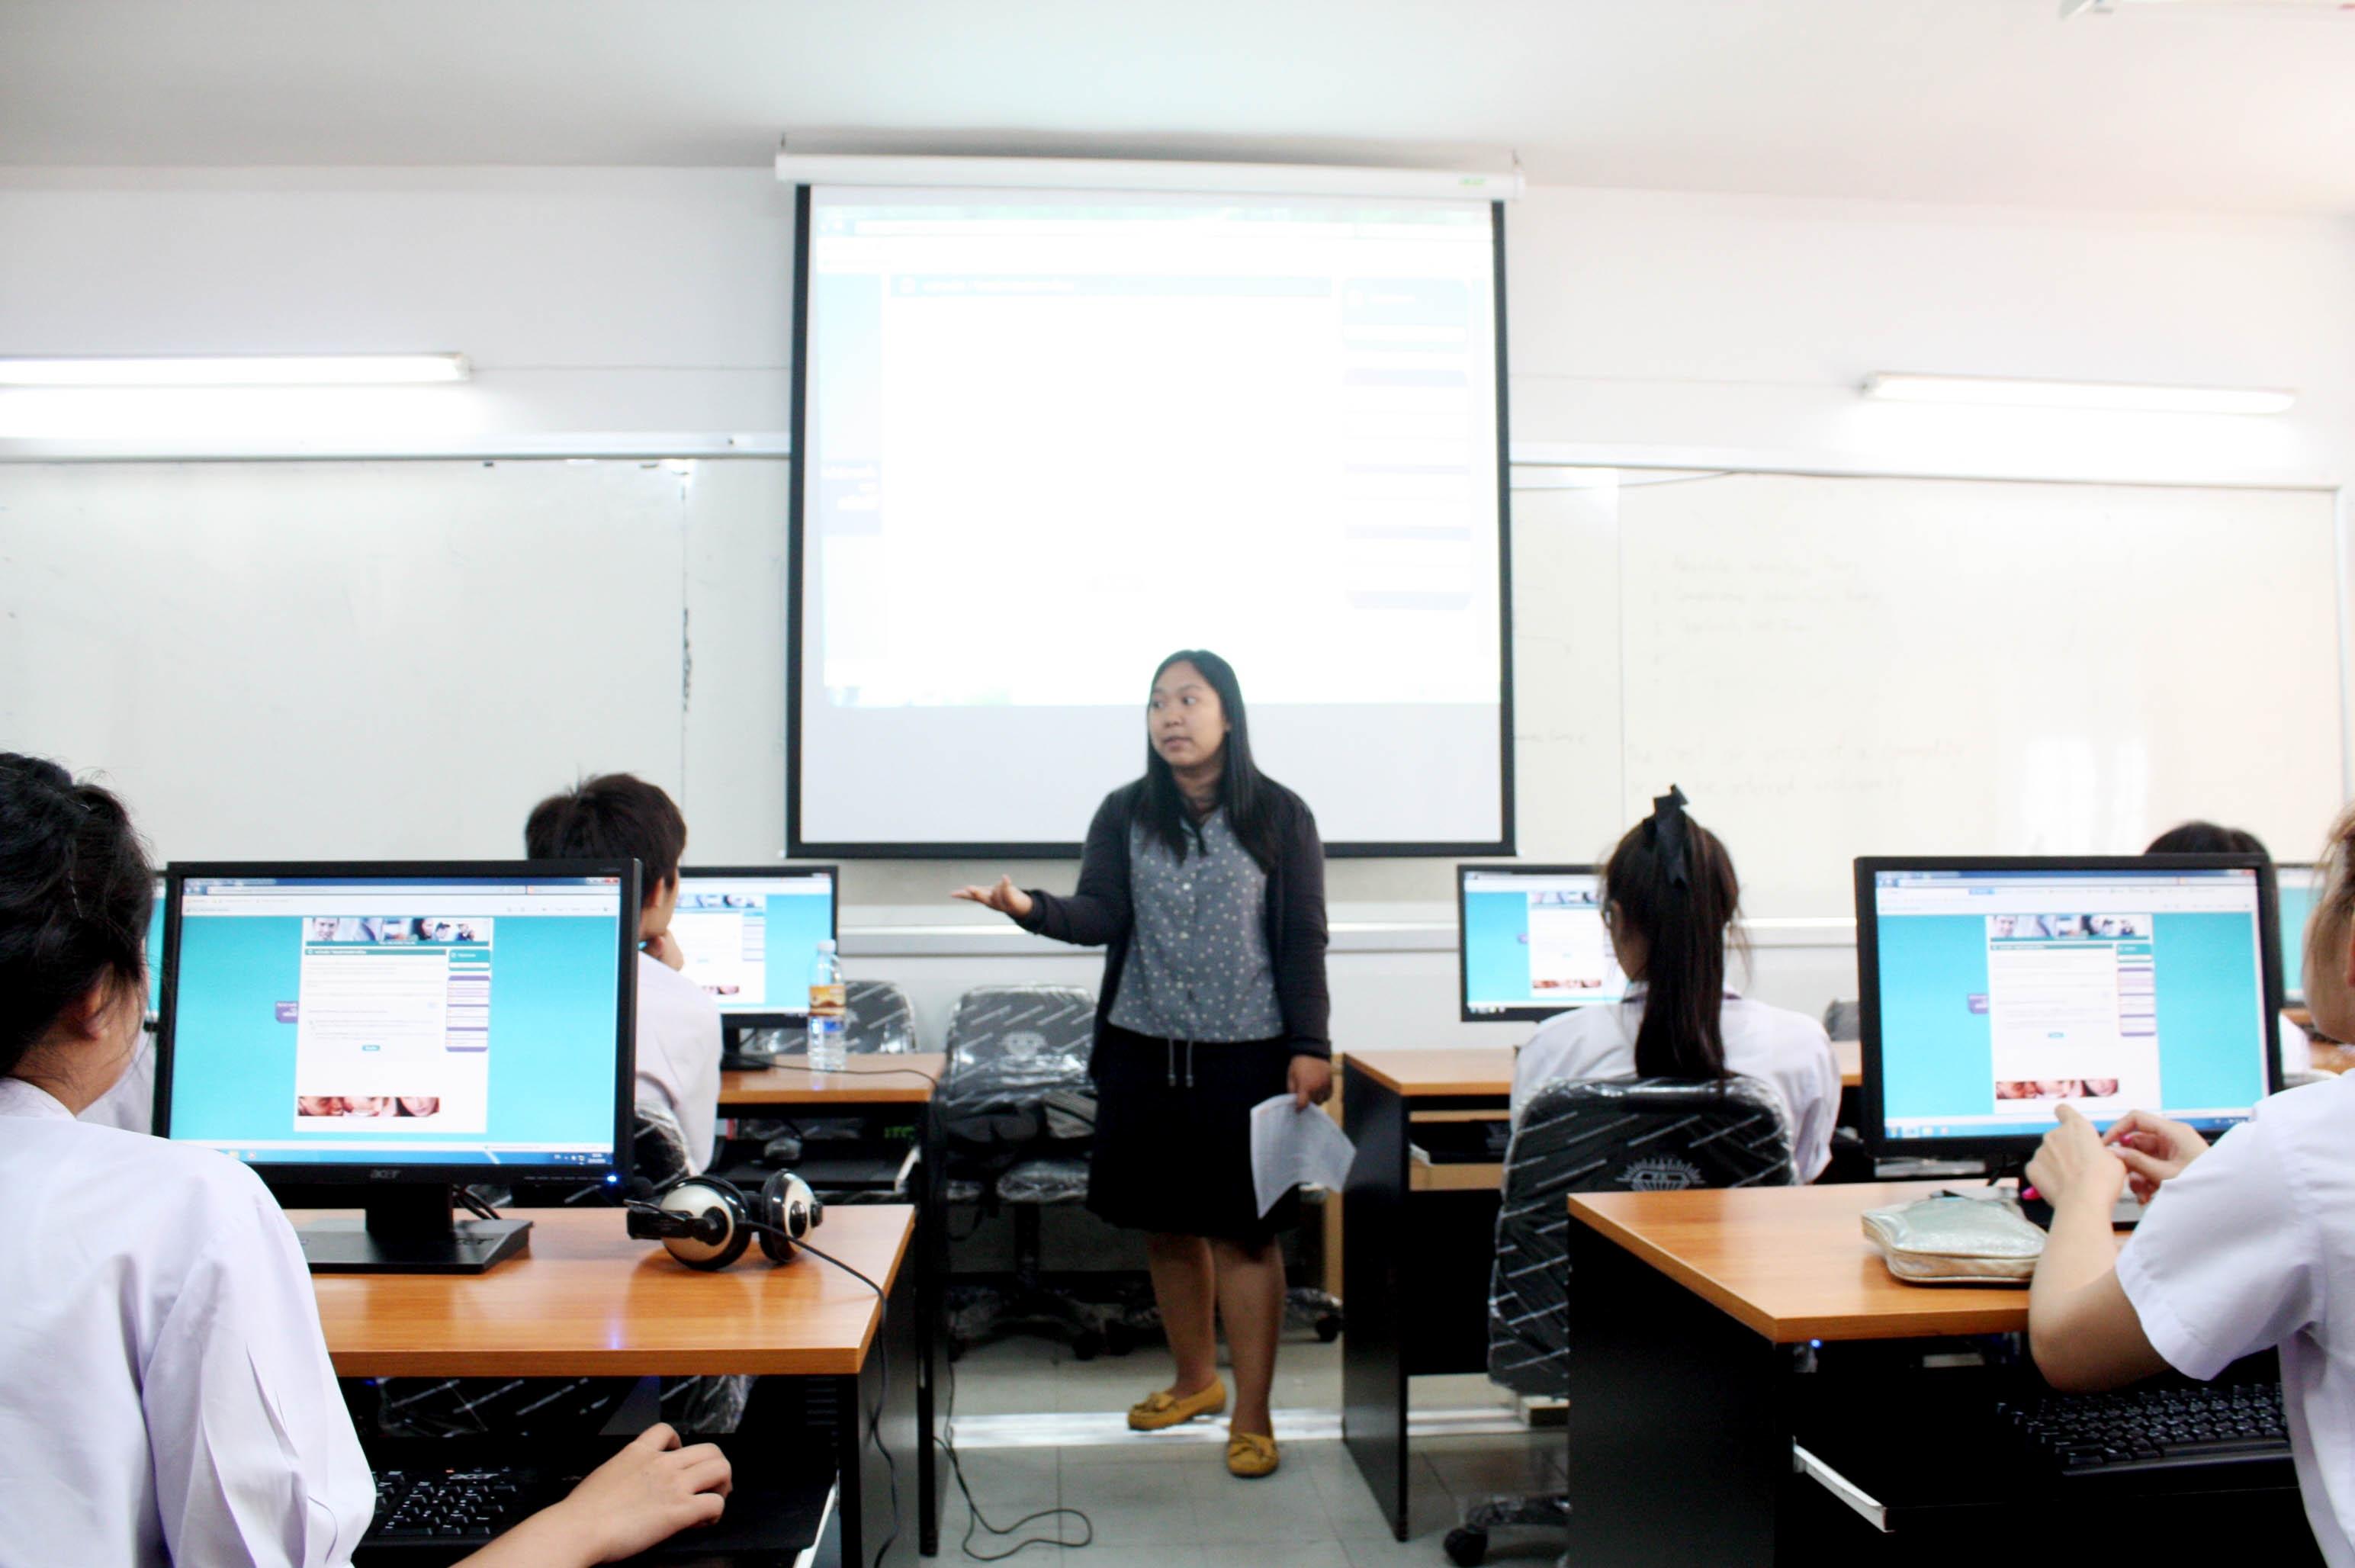 สำนักวิทยบริการฯ จัดการเรียนการสอนโปรแกรมพัฒนาทักษะภาษาอังกฤษ แบบออนไลน์ (Tell Me More Online) ให้กับนักศึกษาใหม่